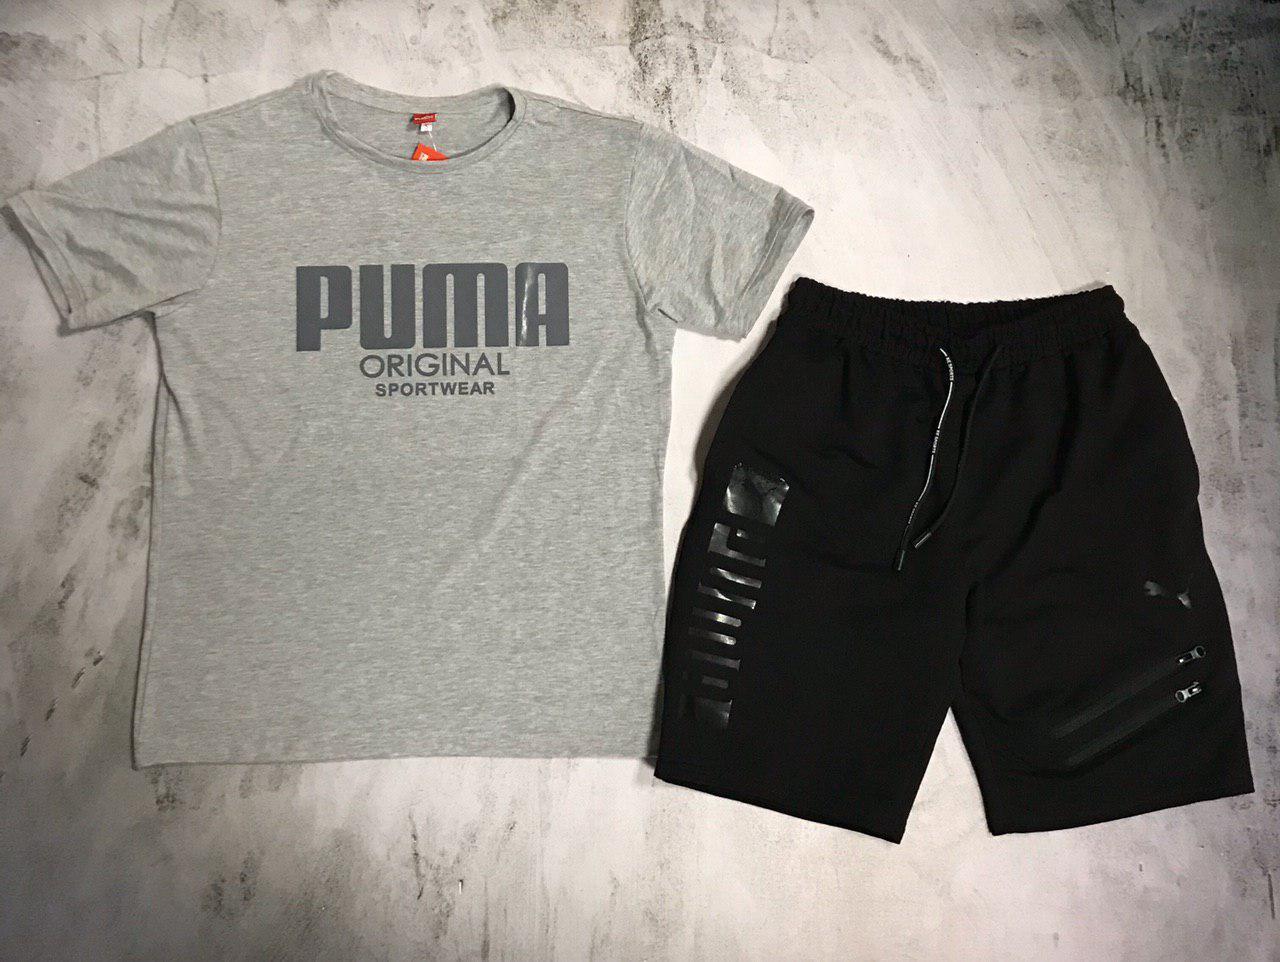 Мужской спортивный костюм (футболка и шорты) Puma Original Sportwear